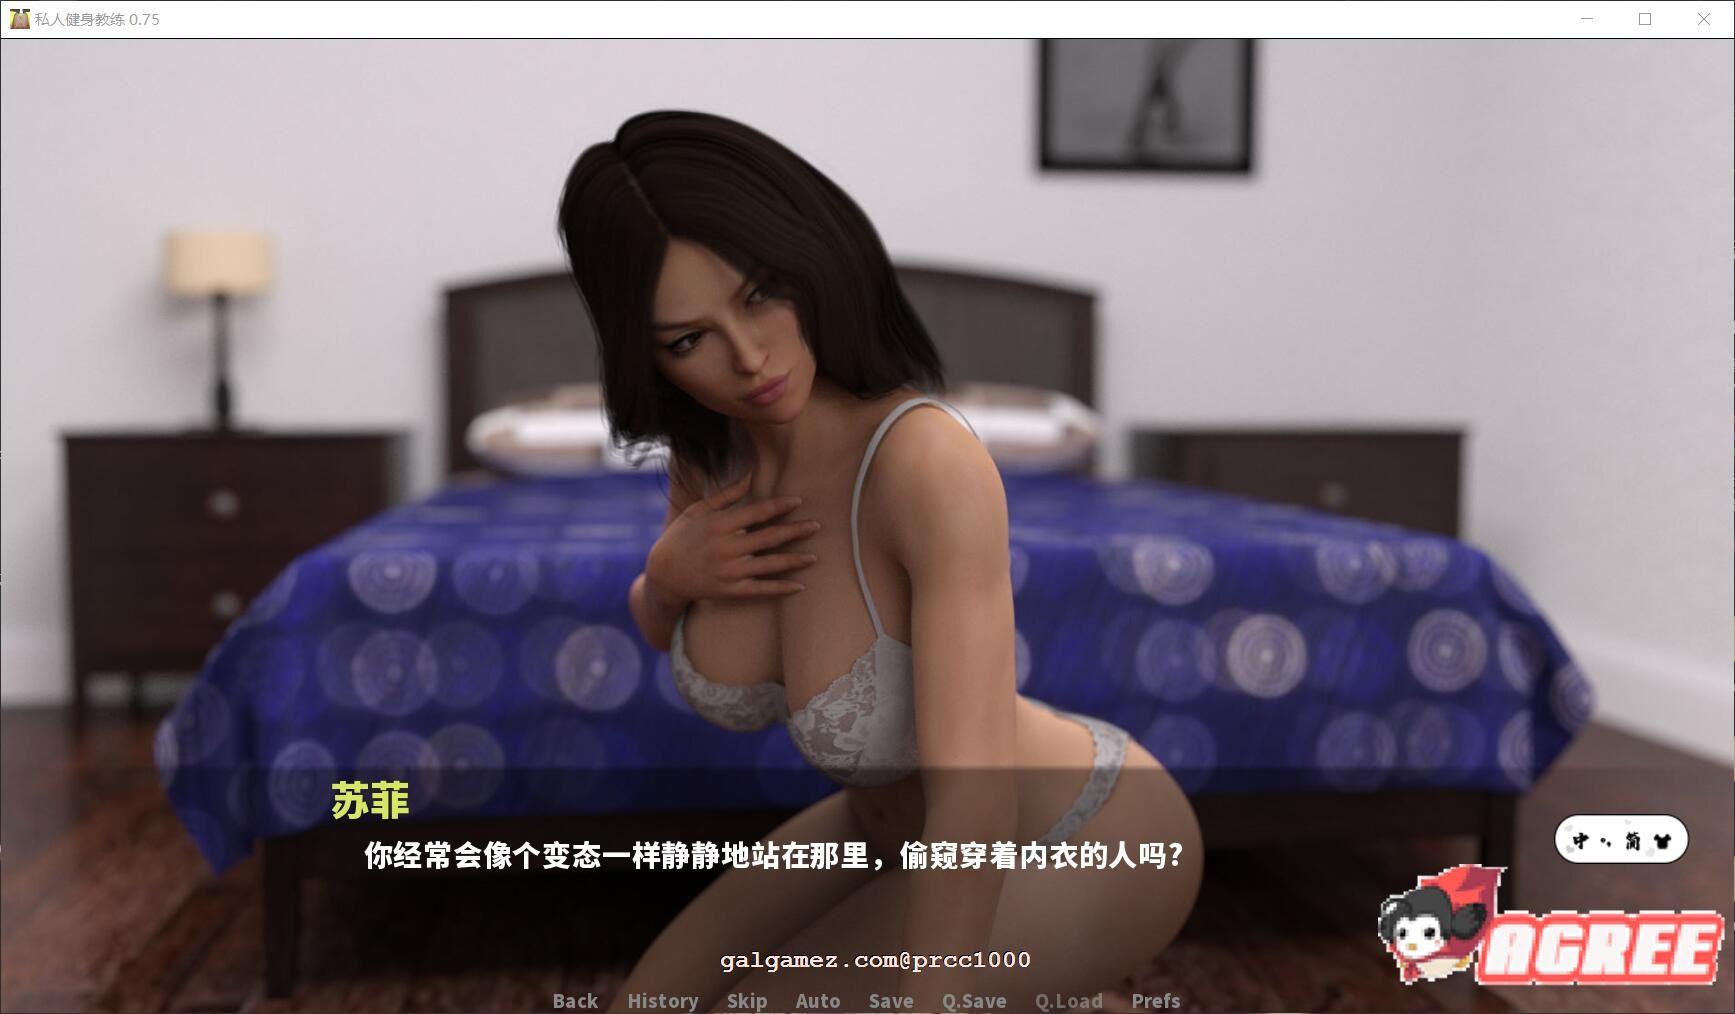 【欧美SLG汉化动态CG】私人健身教练 V0.75 山之岚精翻汉化版【1.1G】 2